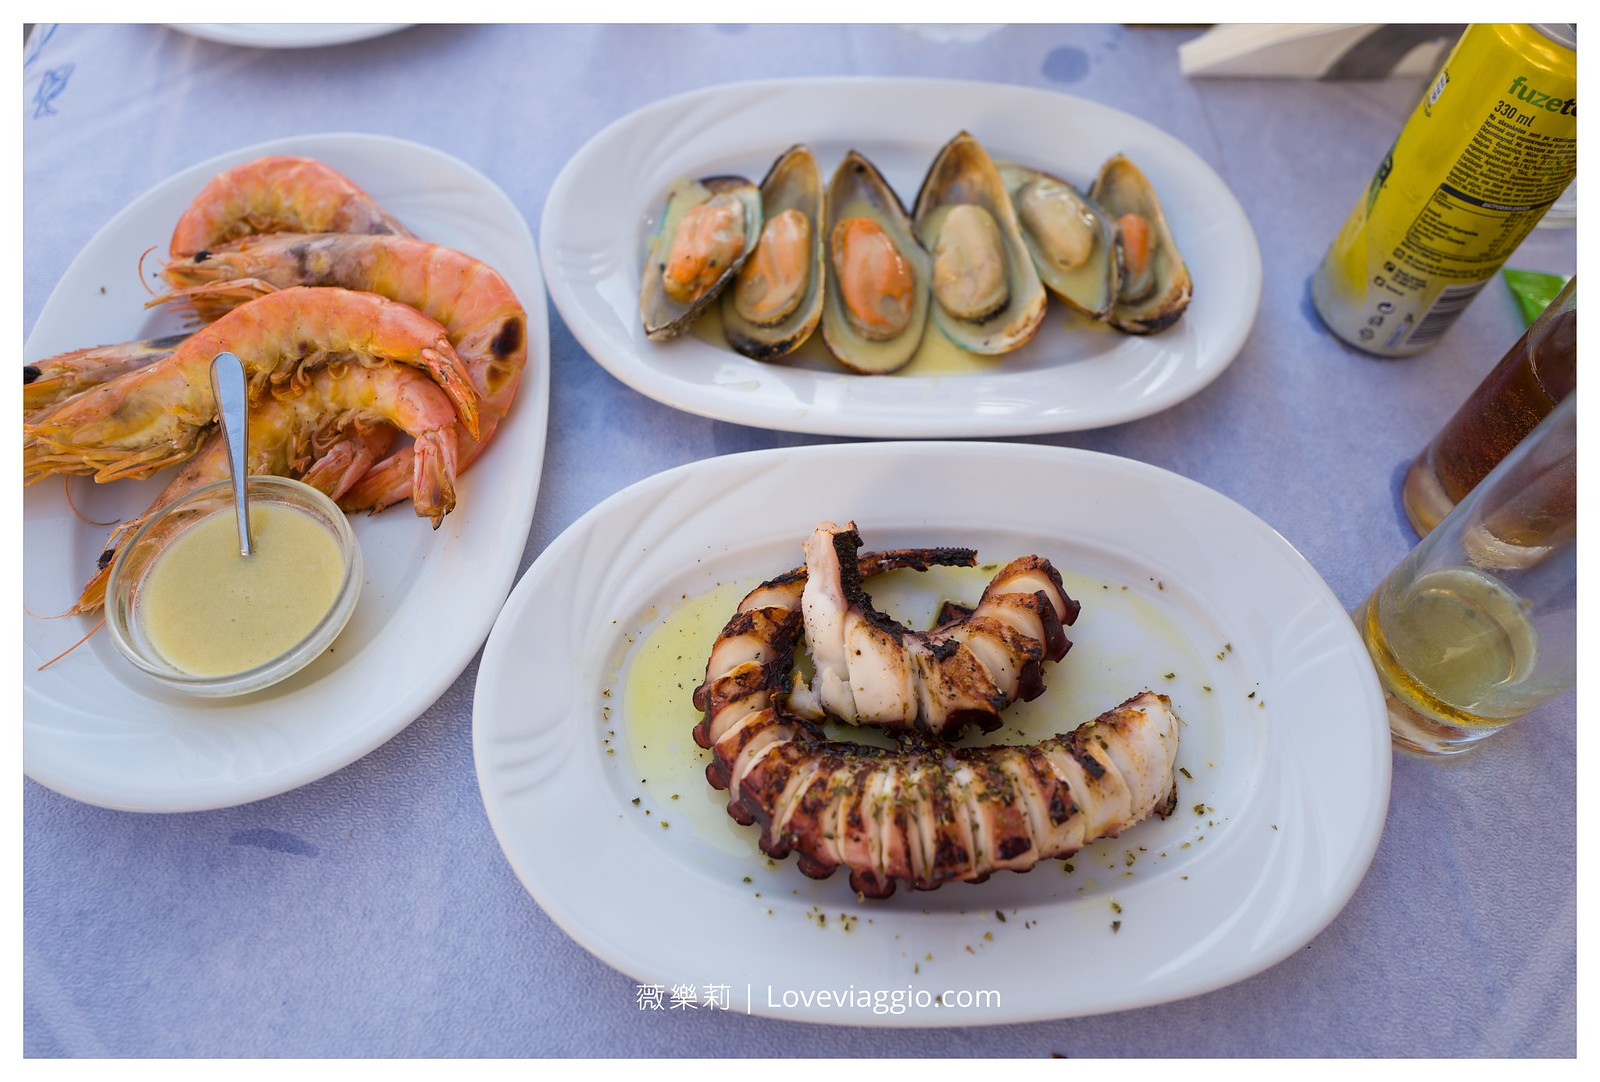 【希臘聖托里尼 Santorini】Taverna Katina 伊亞推薦海鮮餐廳 Ammoudi港口 @薇樂莉 Love Viaggio | 旅行.生活.攝影